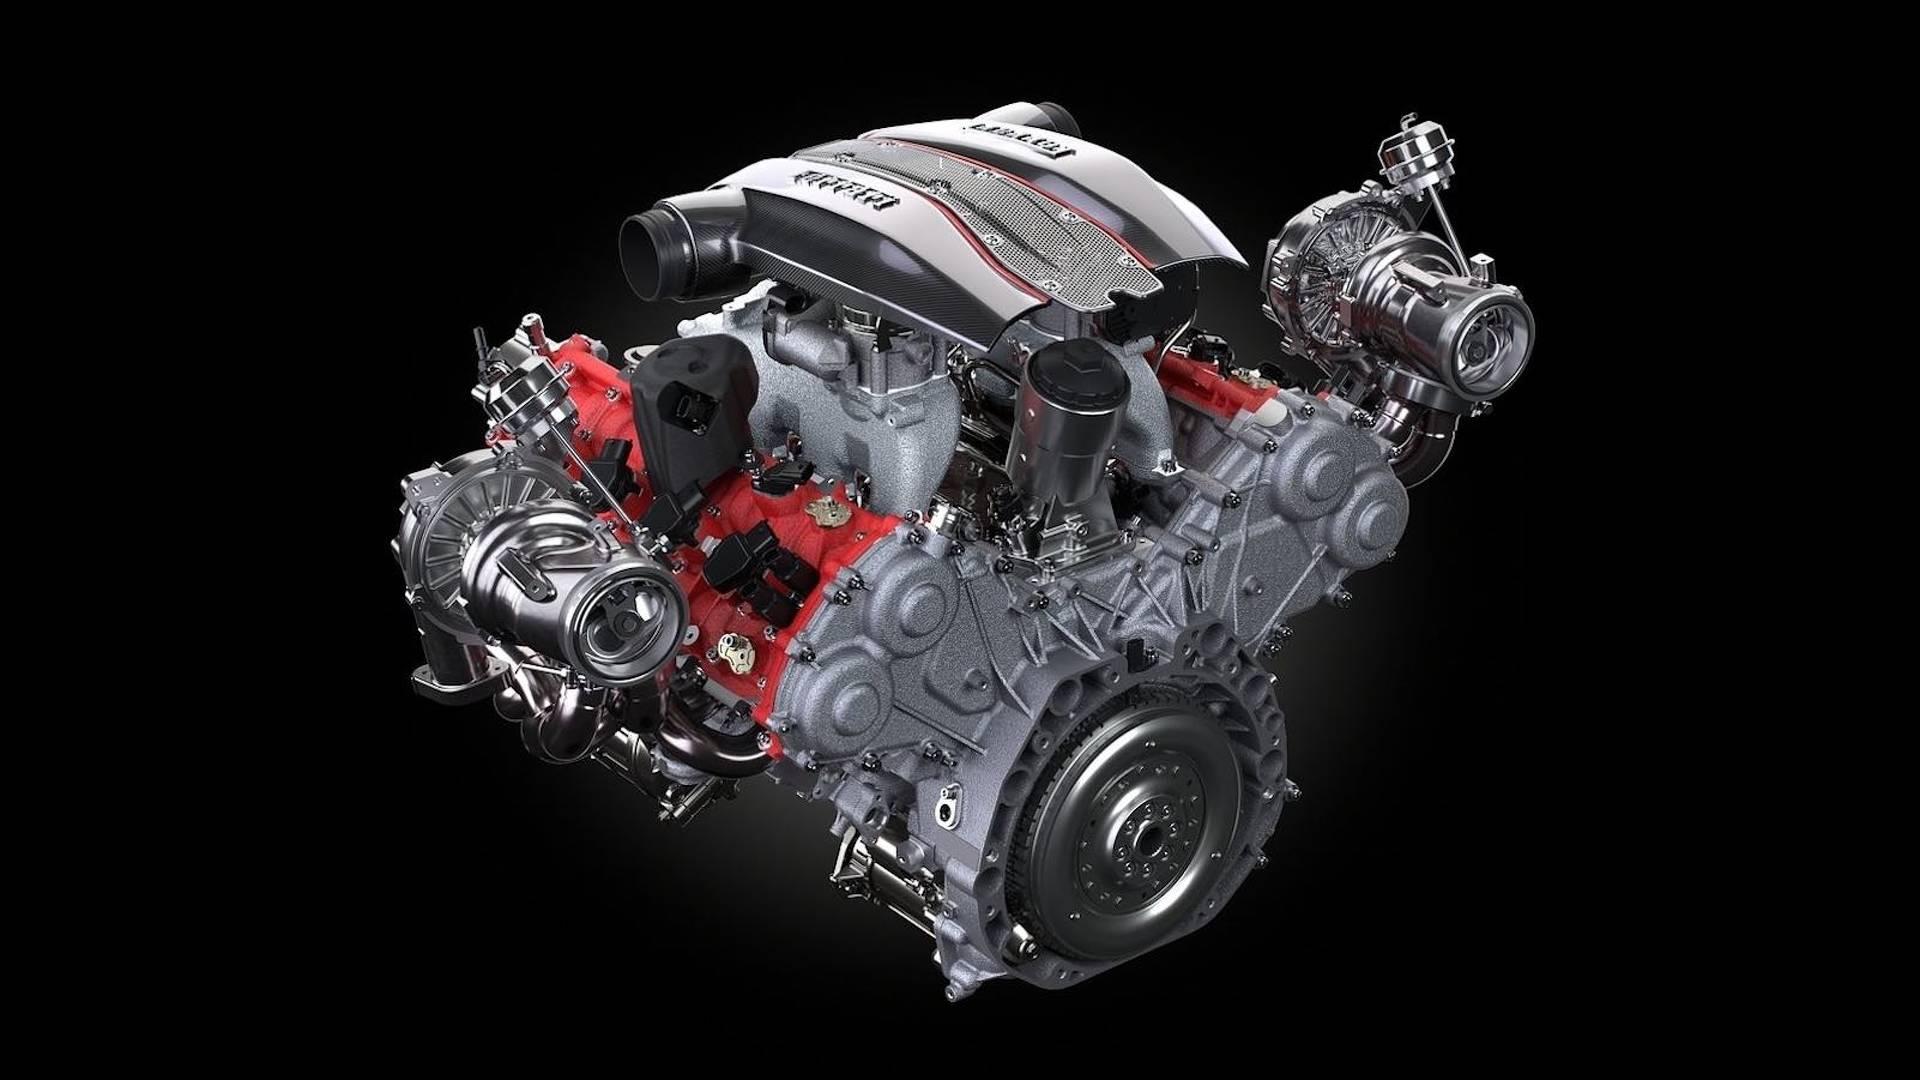 Motor v8 cuantos cilindros tiene